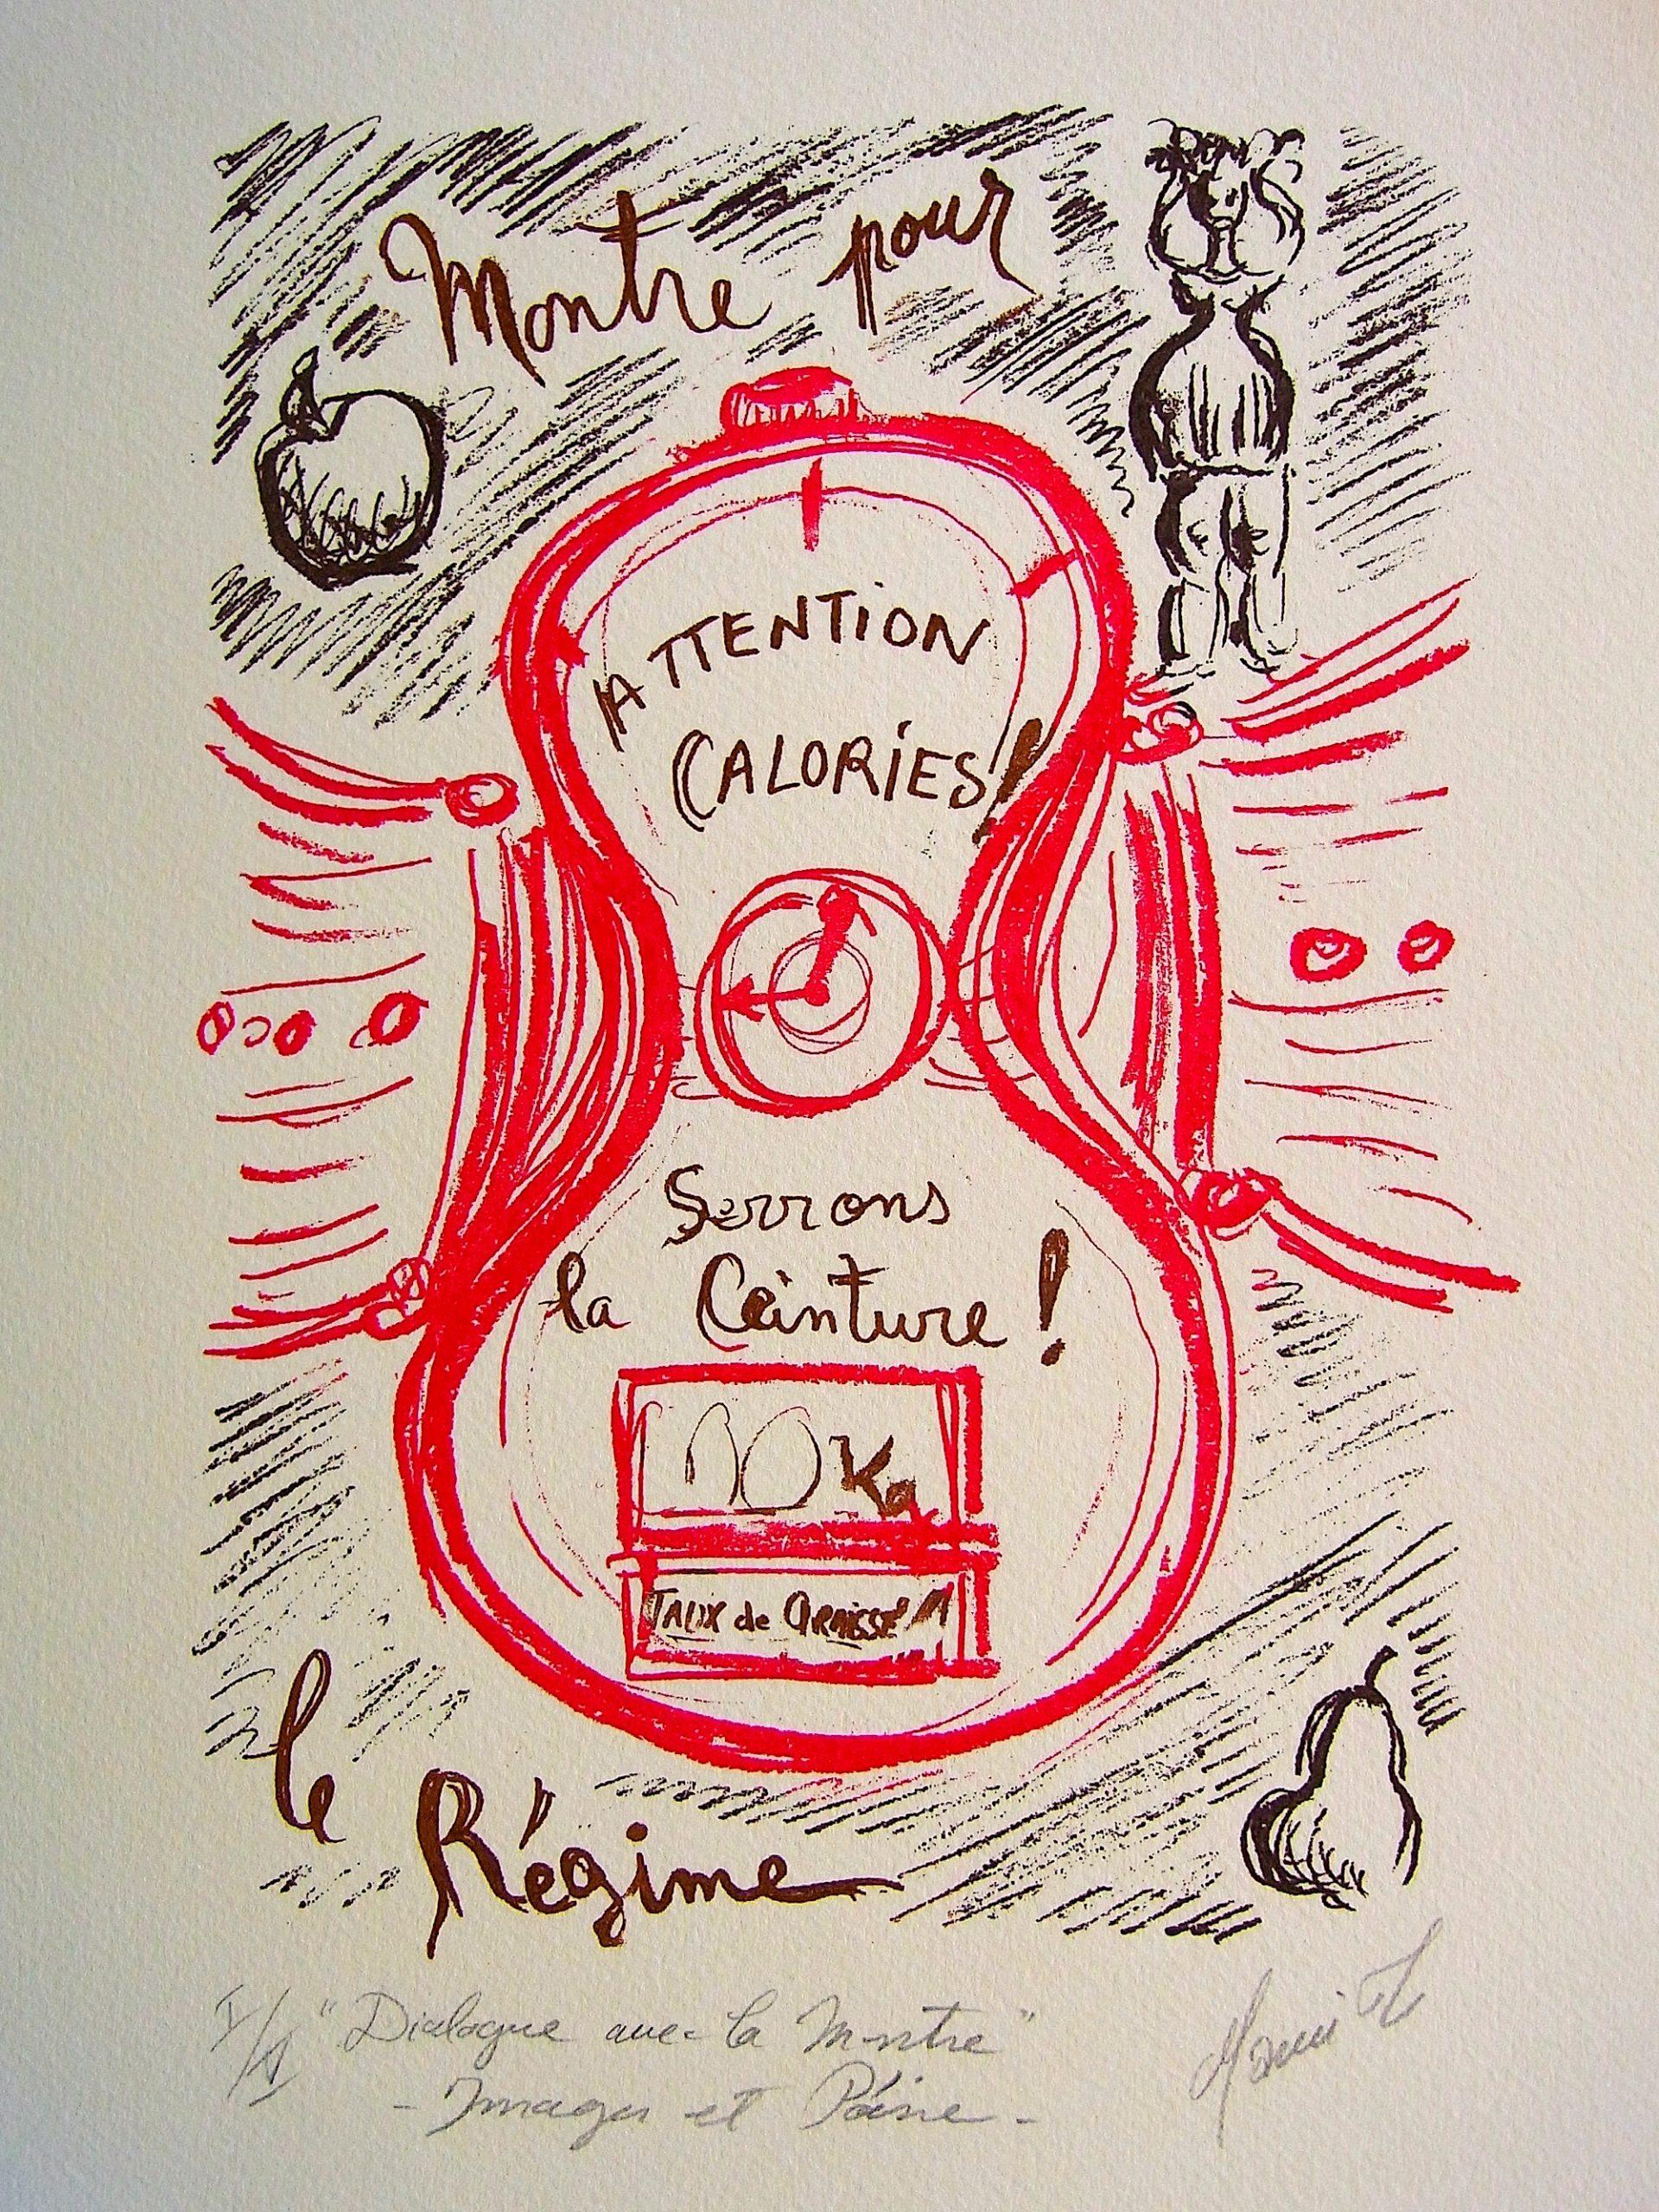 MAMI / Images et Poésie, Dialogue avec la Montre